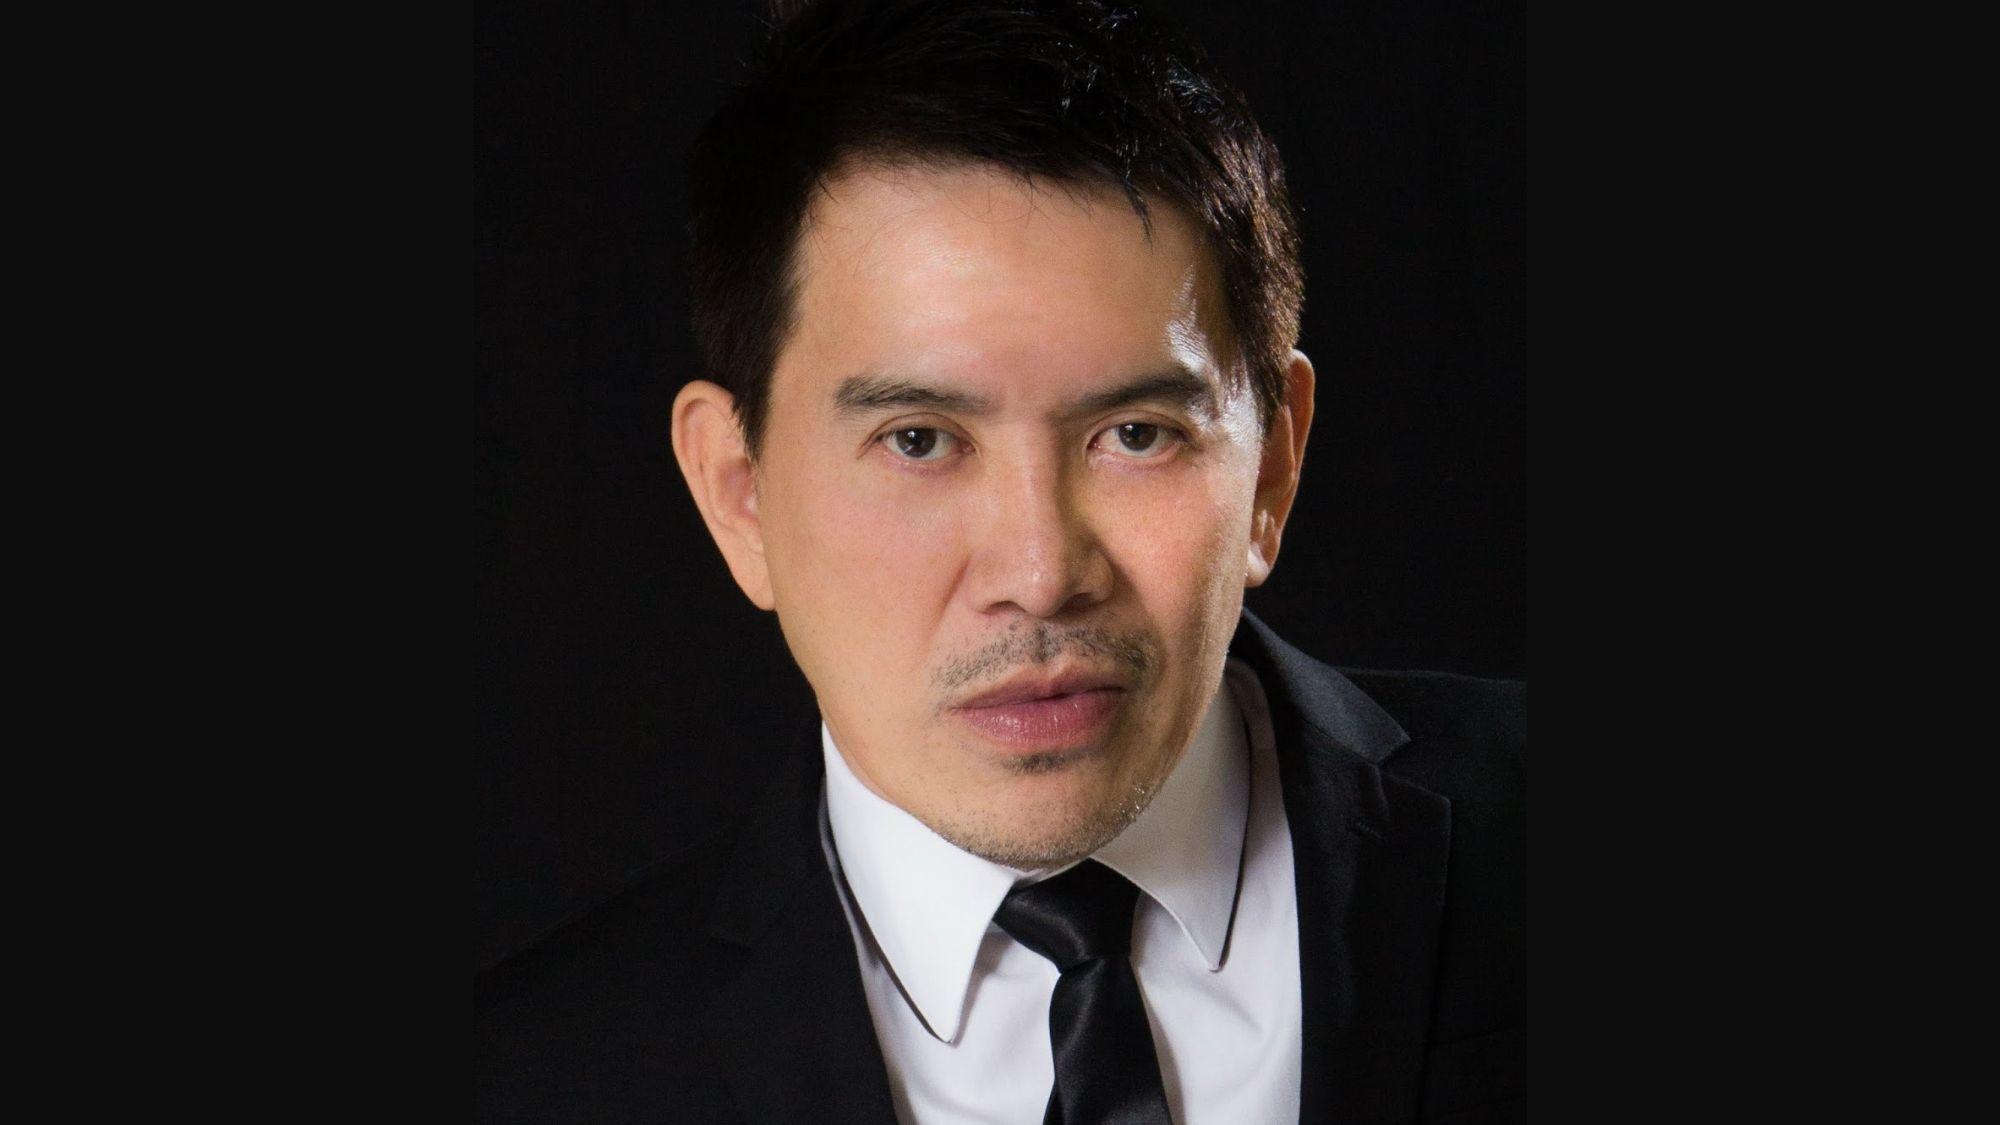 Brillante Ma. Mendoza to direct Coco Martin and Julia Montes in film to be shot in Mindoro